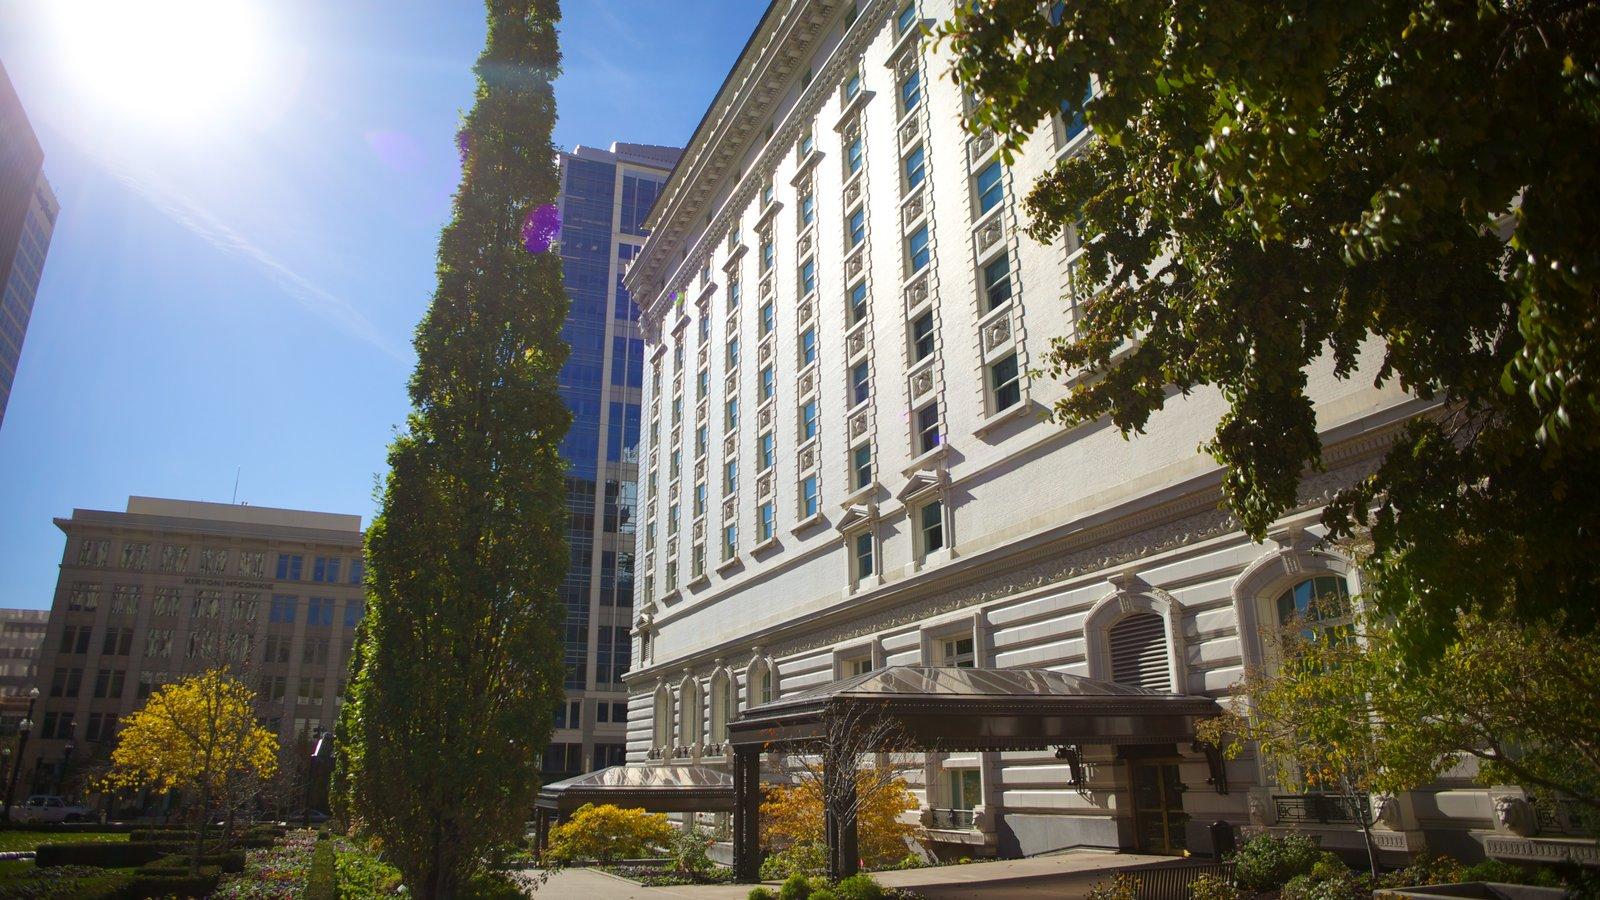 Salt Lake City mostrando escenas urbanas, patrimonio de arquitectura y una ciudad